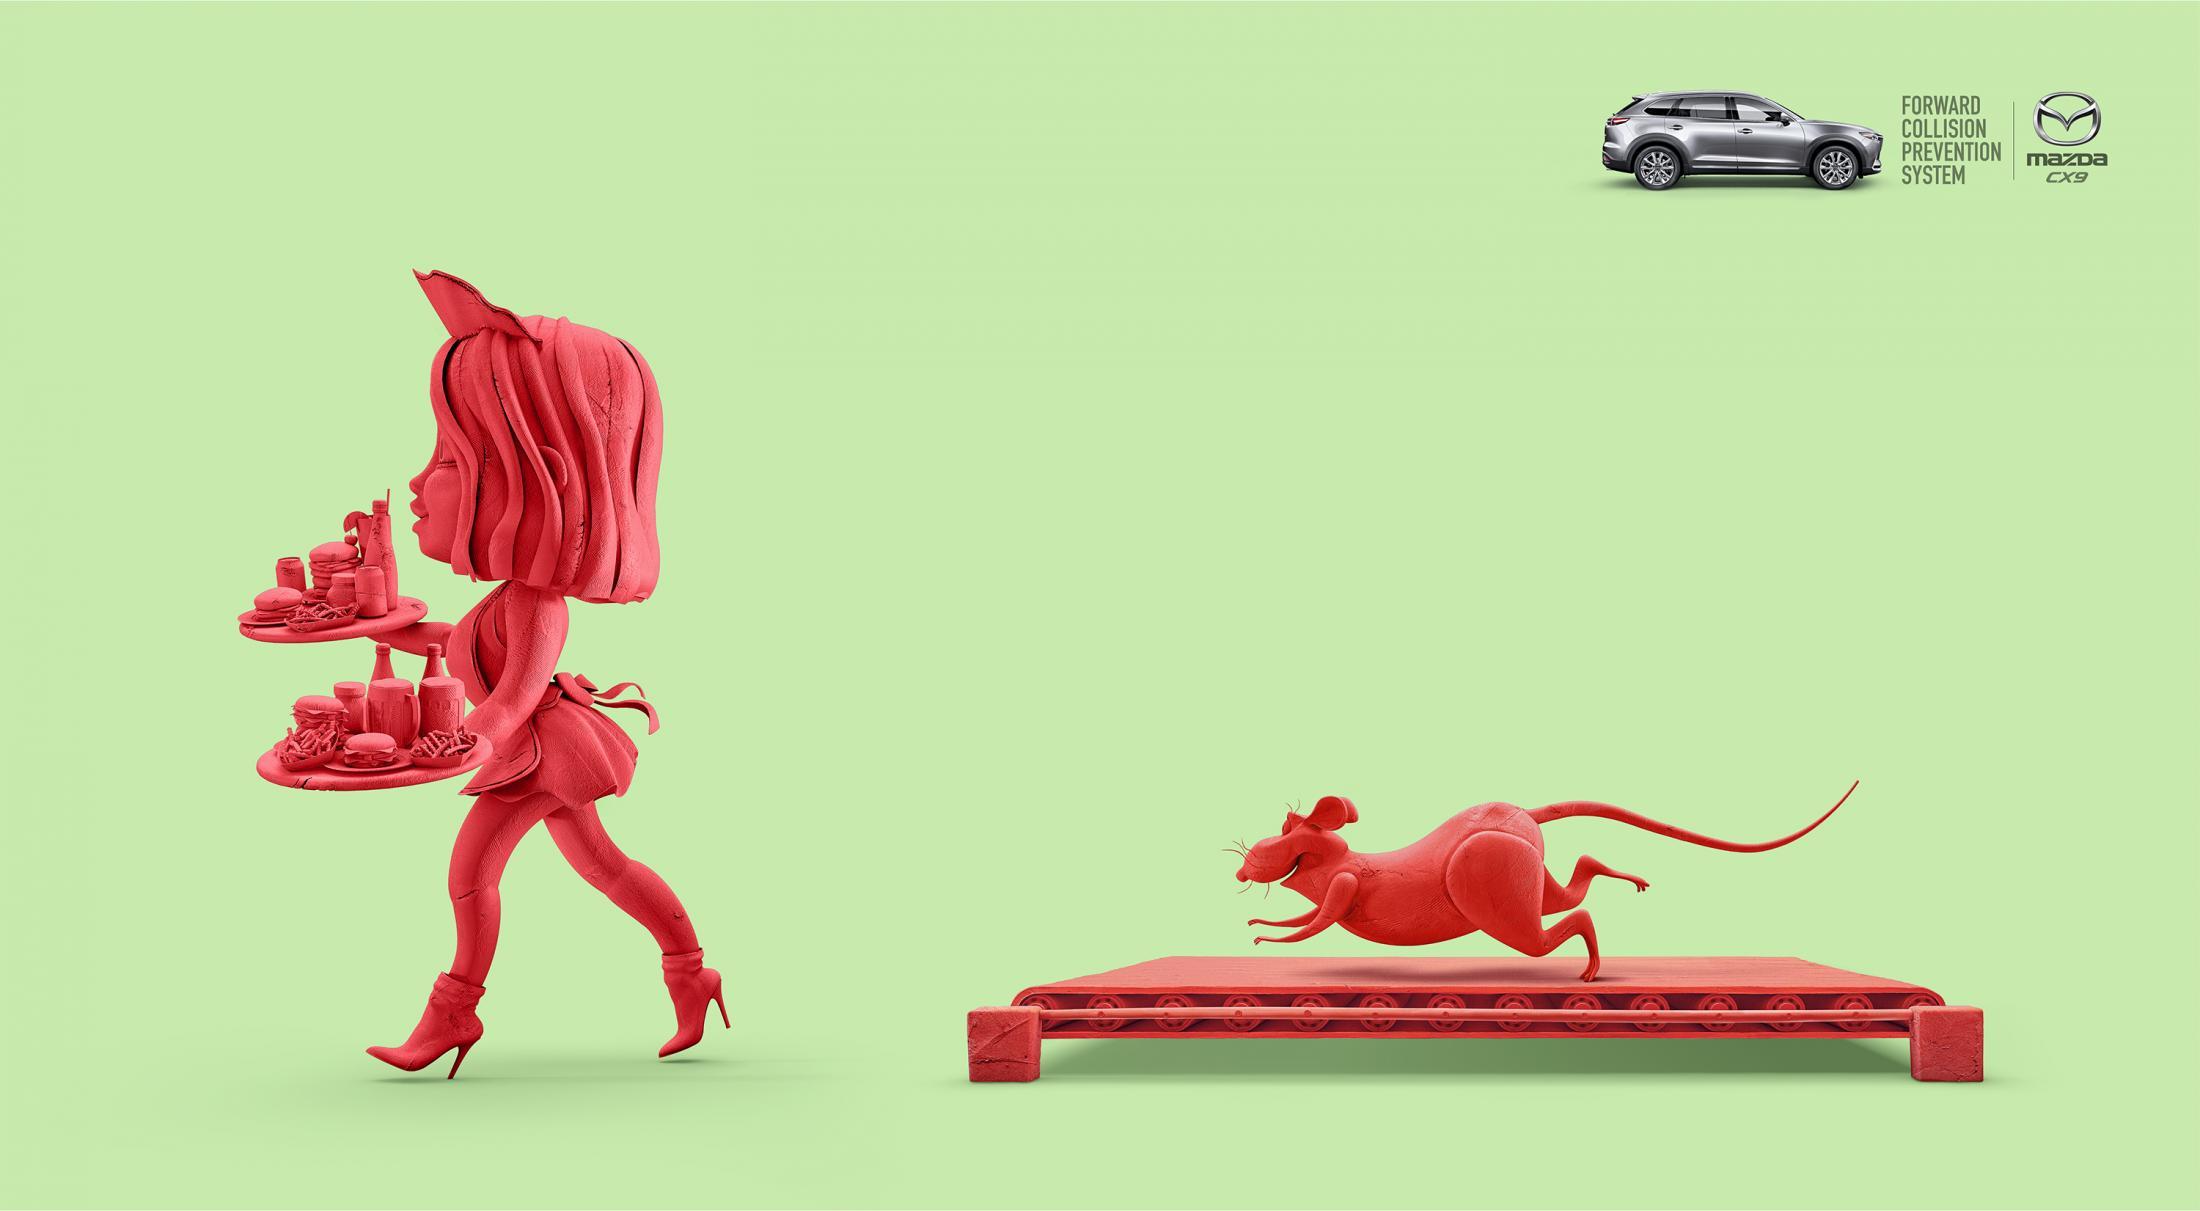 Mazda Print Ad - No More Chase, 4